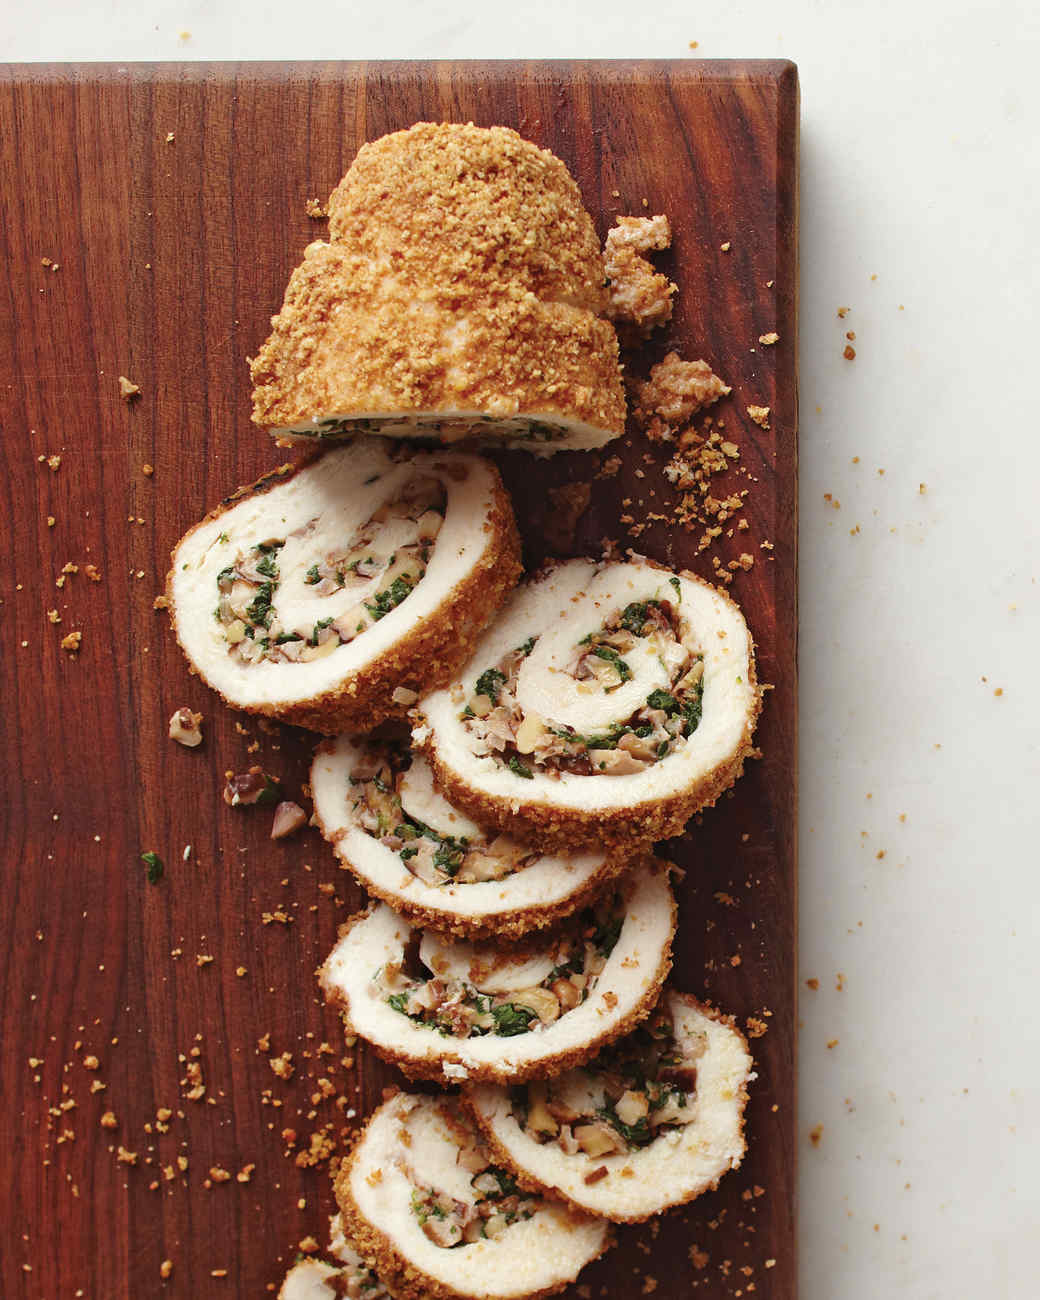 Walnut-Stuffed Chicken Roulades